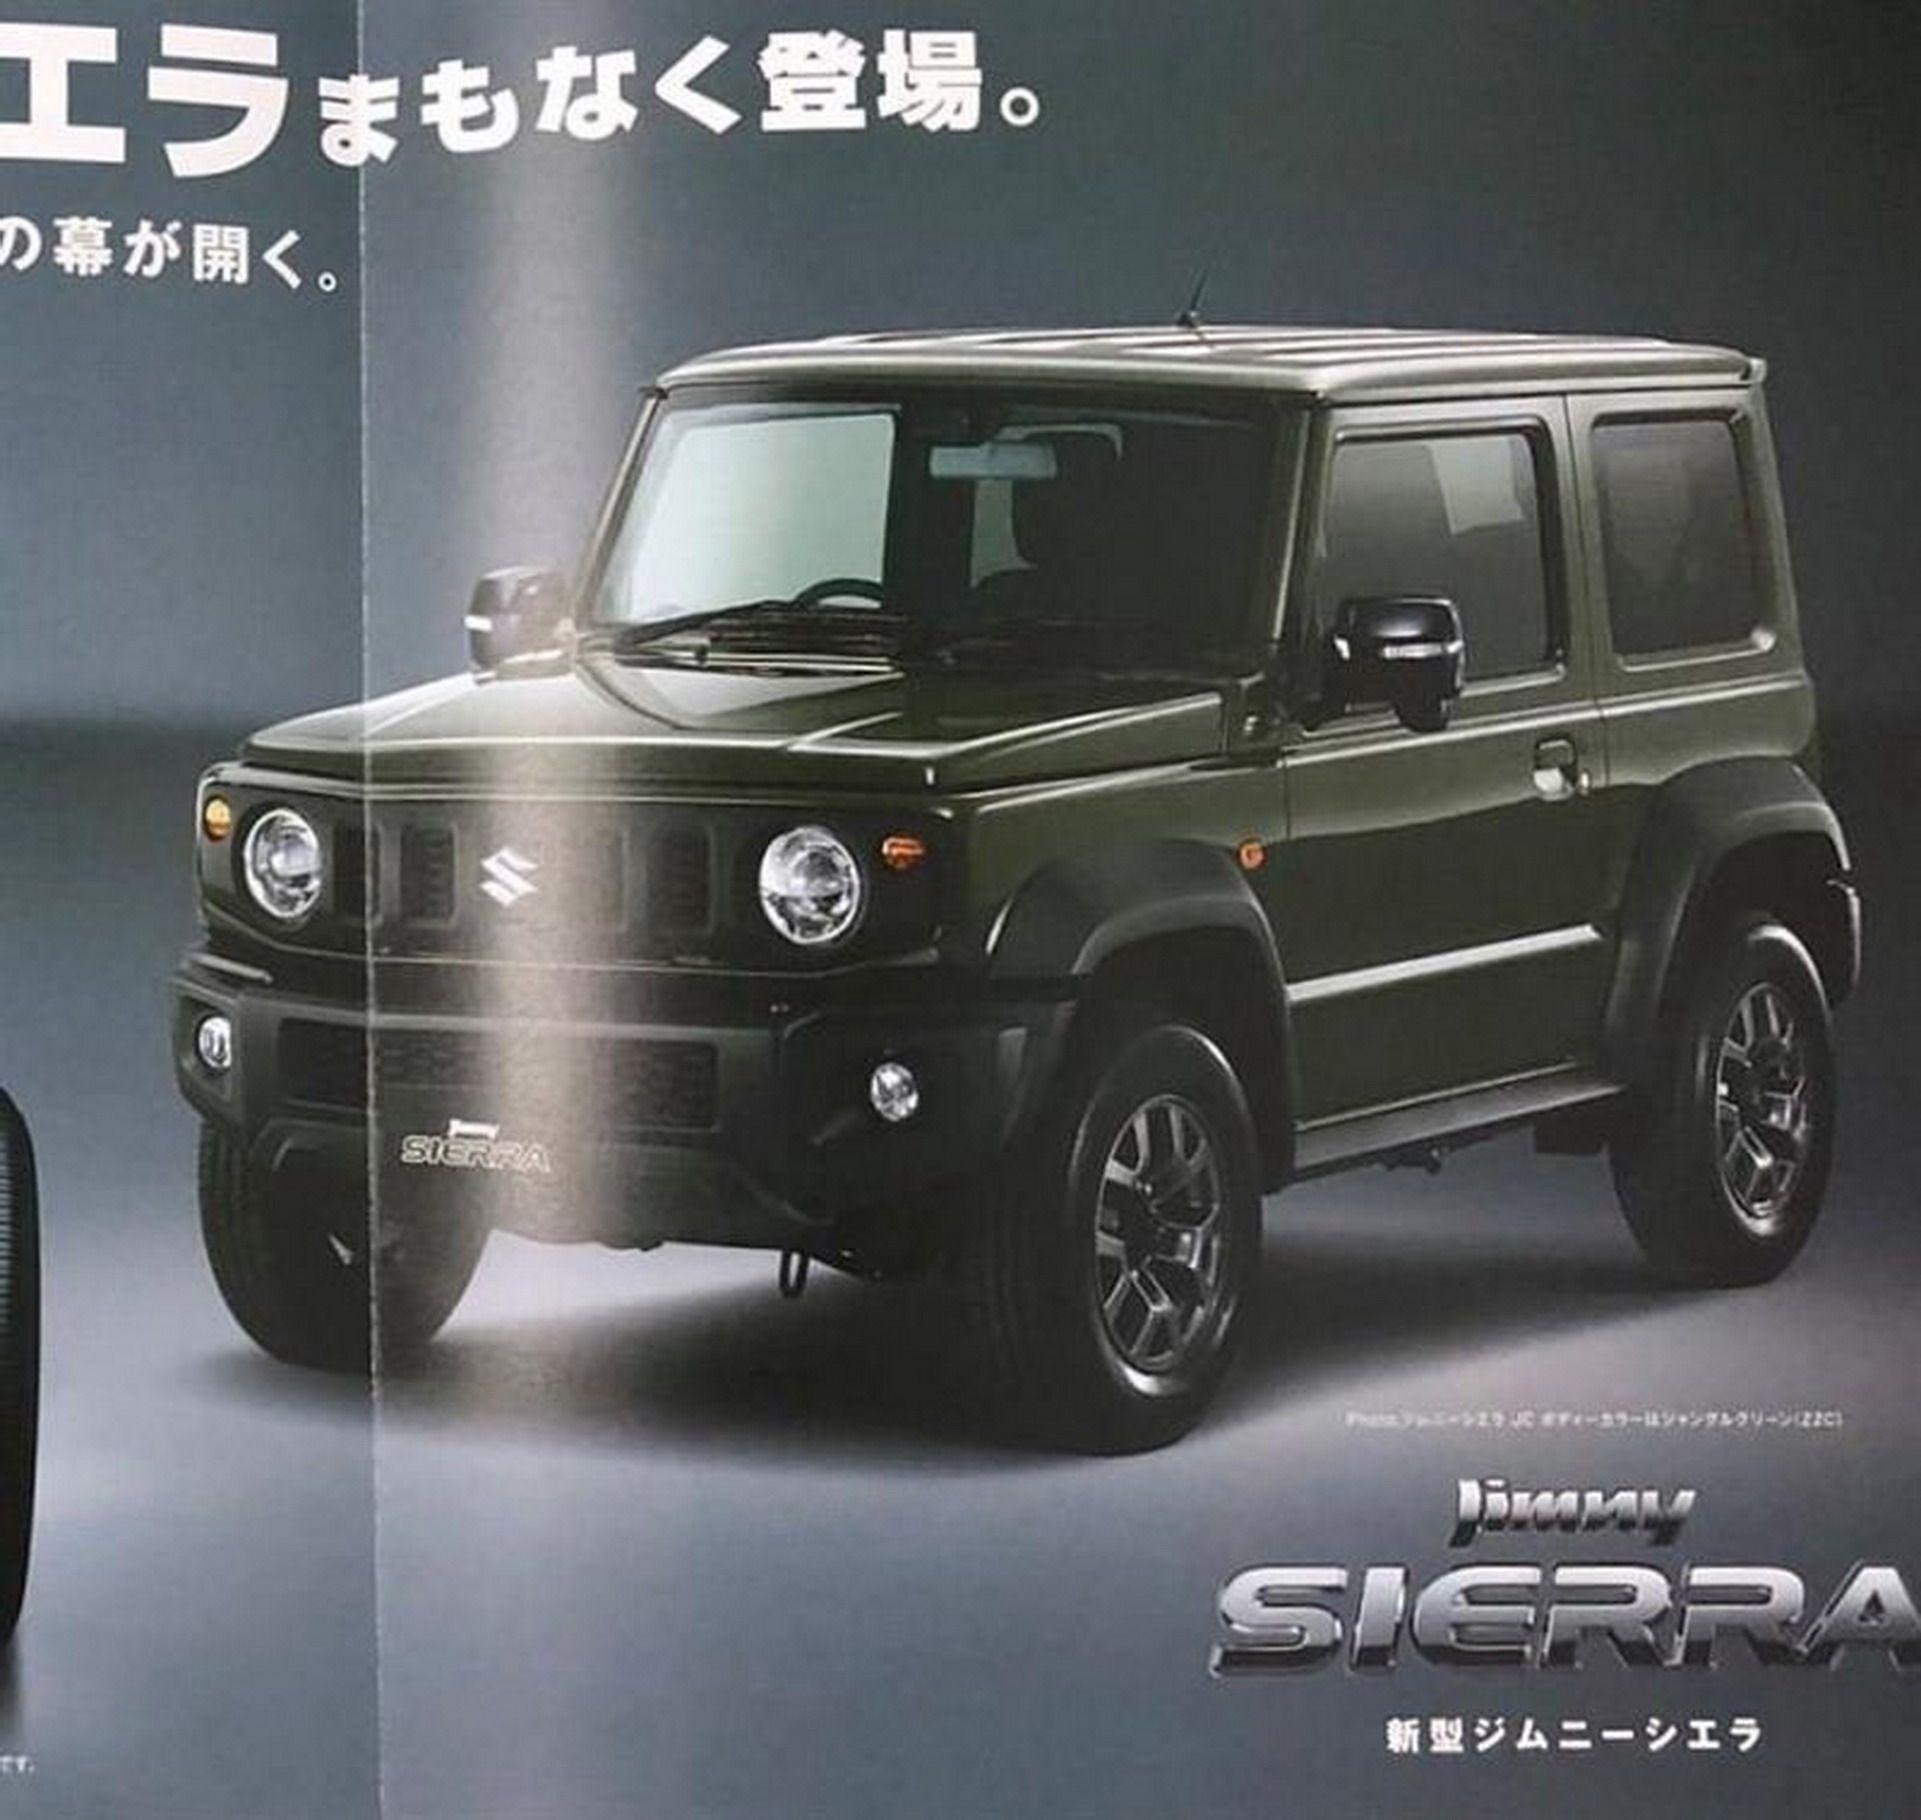 Suzuki_Jimny_leaked_0009